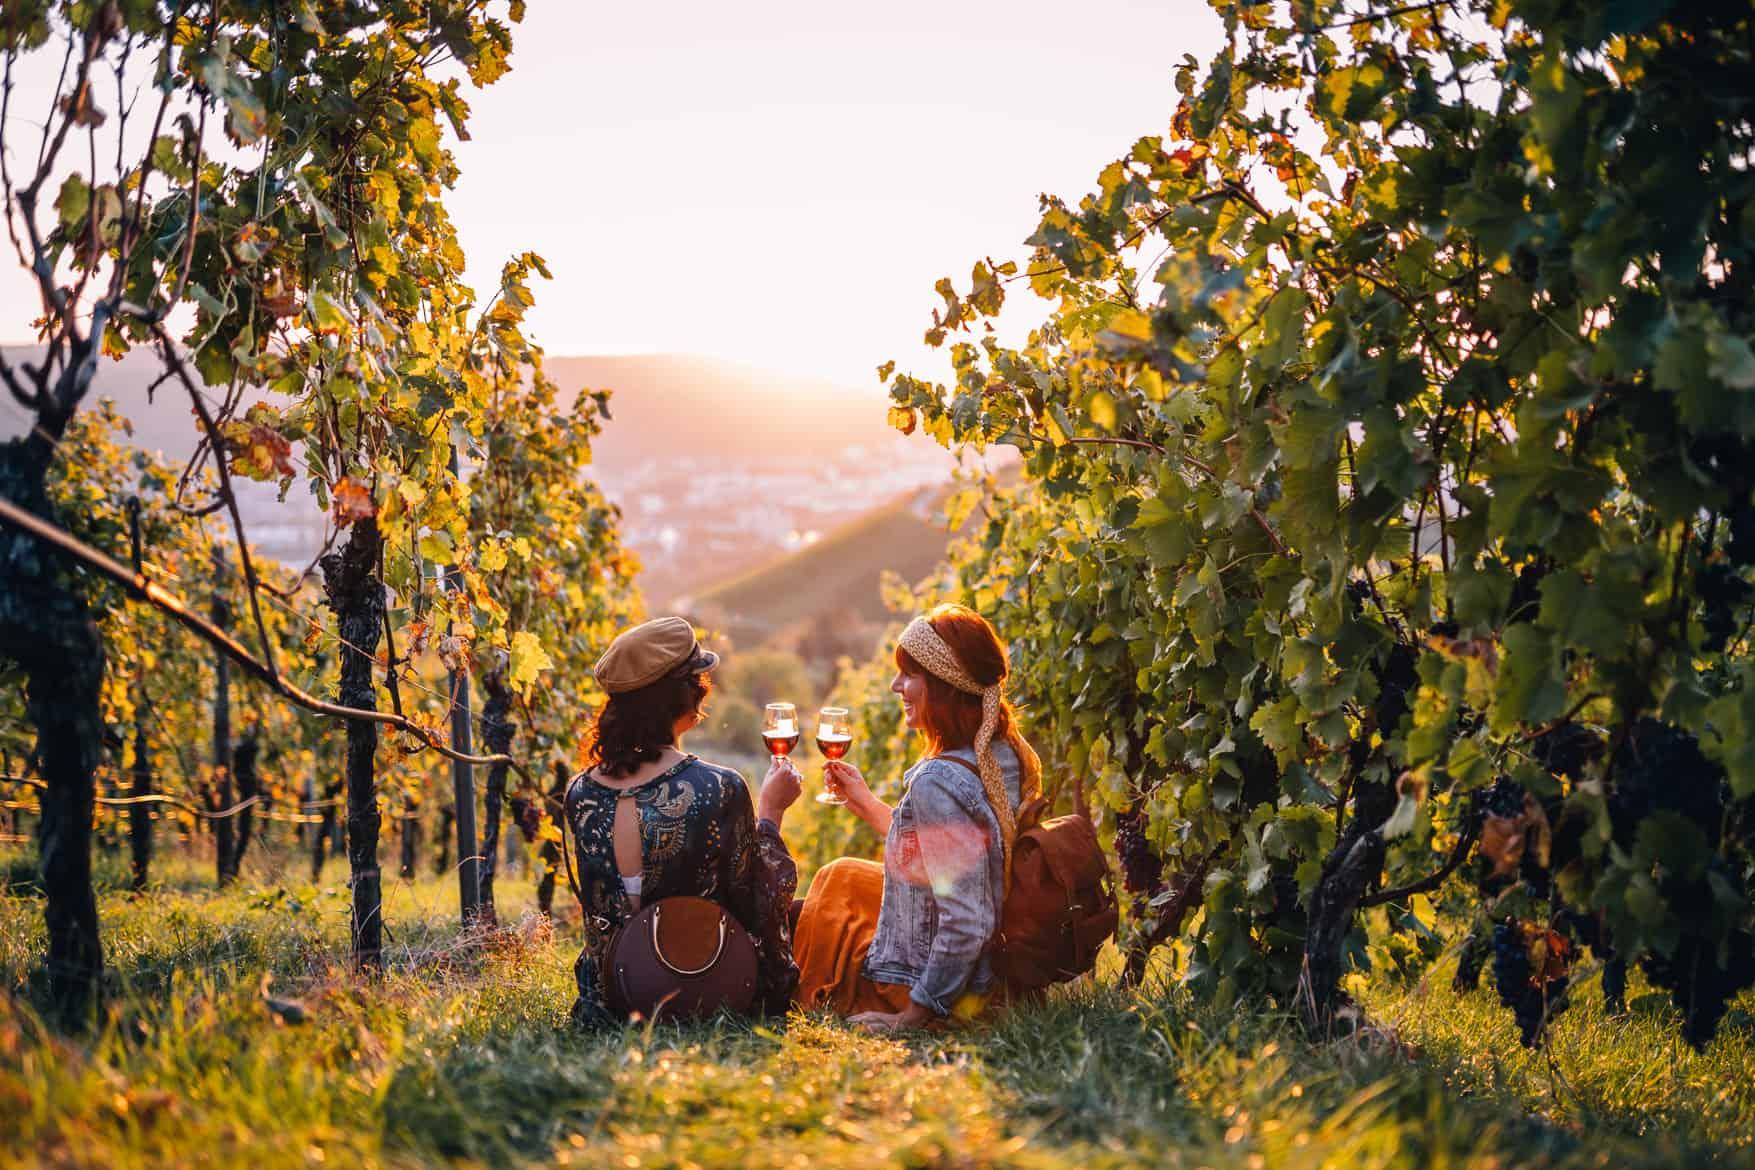 Stuttgart im Herbst - Cannstatter Wasen, Kürbisfestival & #tastyStuttgart: Wein zum Sonnenuntergang an der Grabkapelle